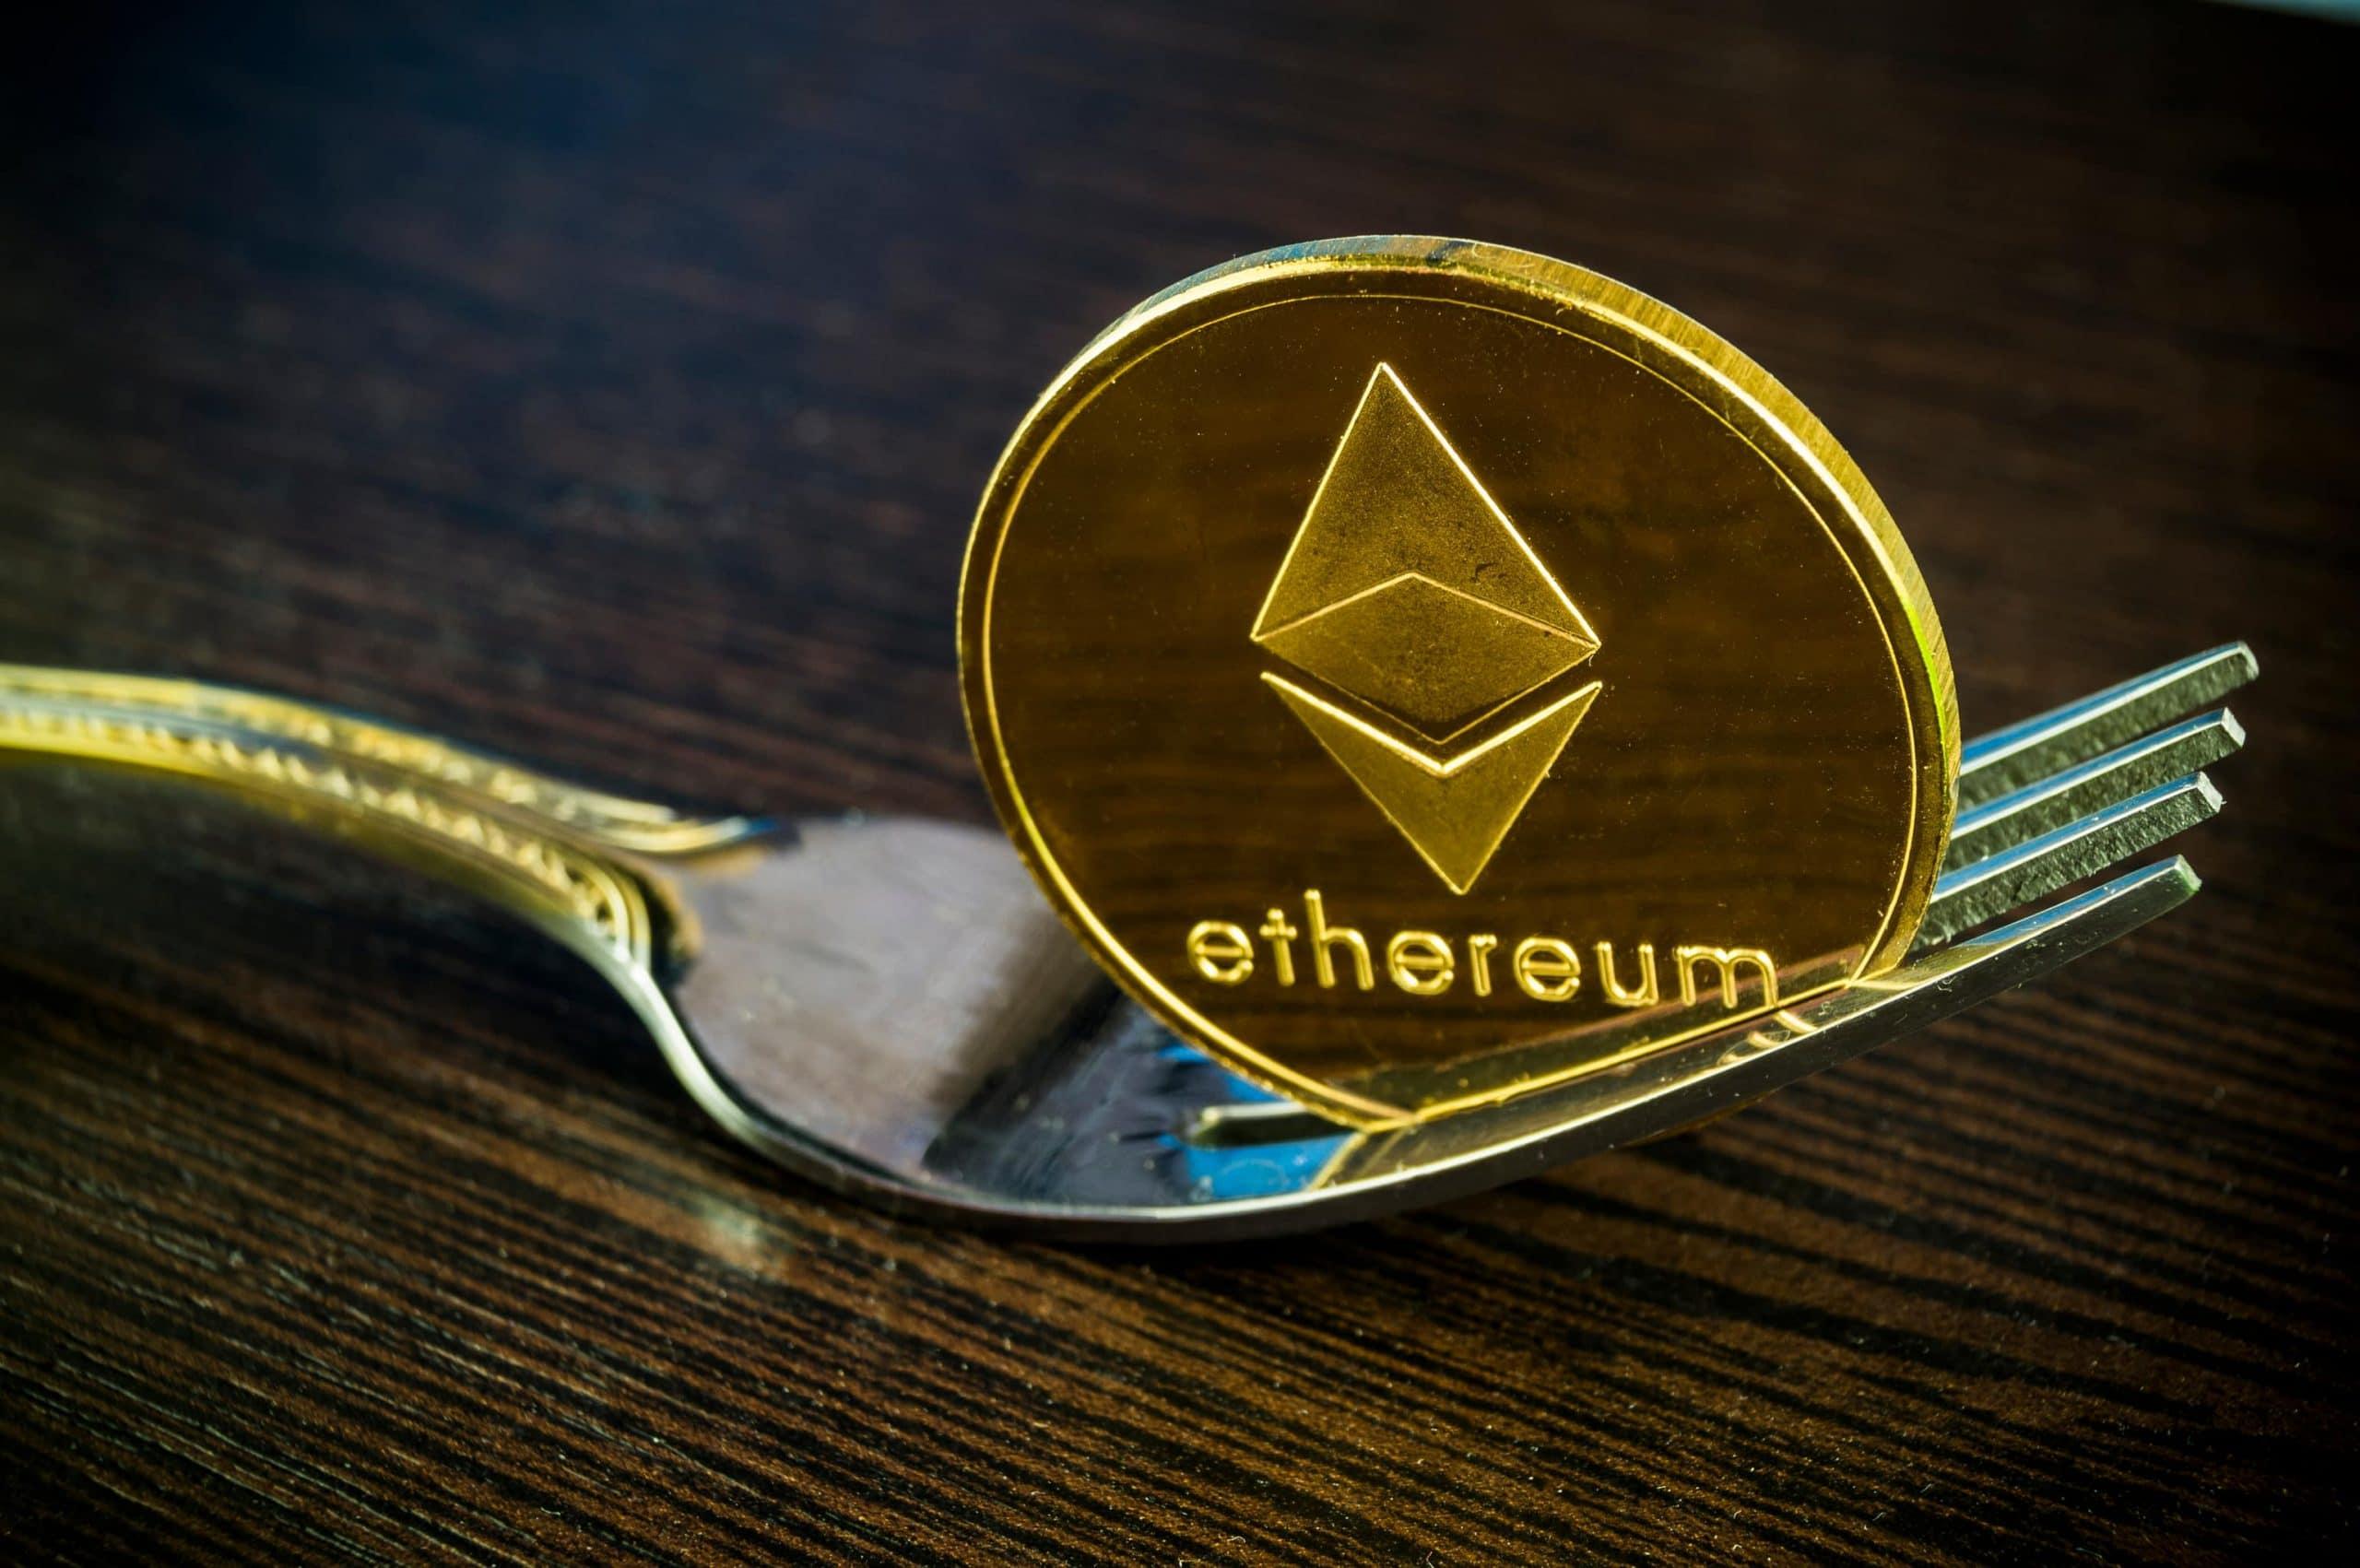 Ethereum-Münze unter einer Gabel